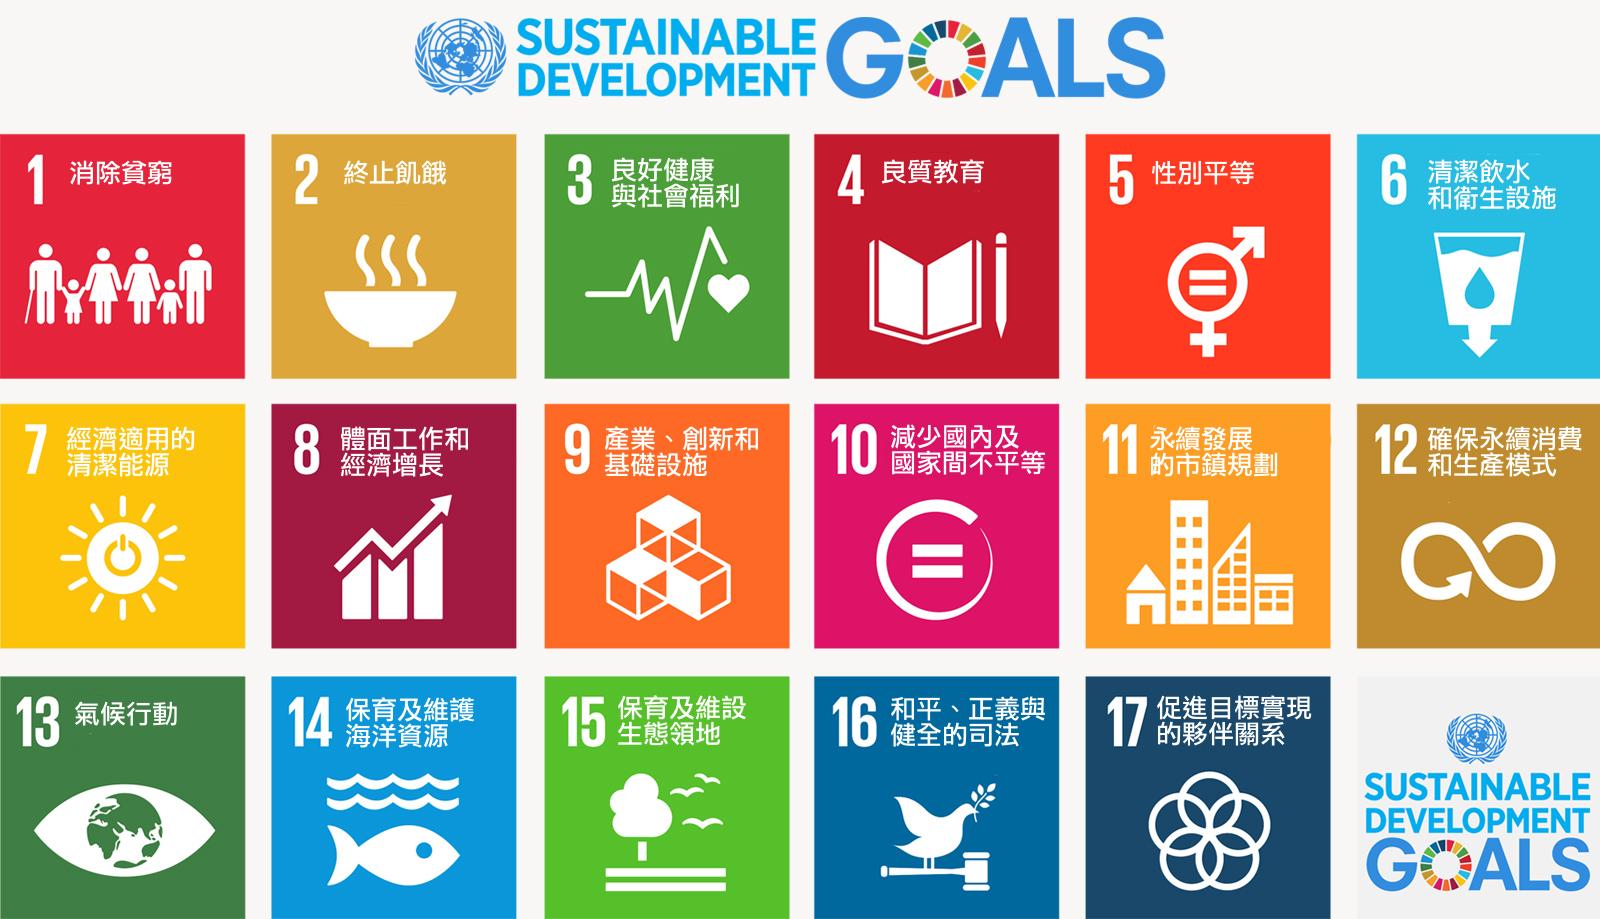 圖二、聯合國17項永續發展目標(SDGs)(中文)